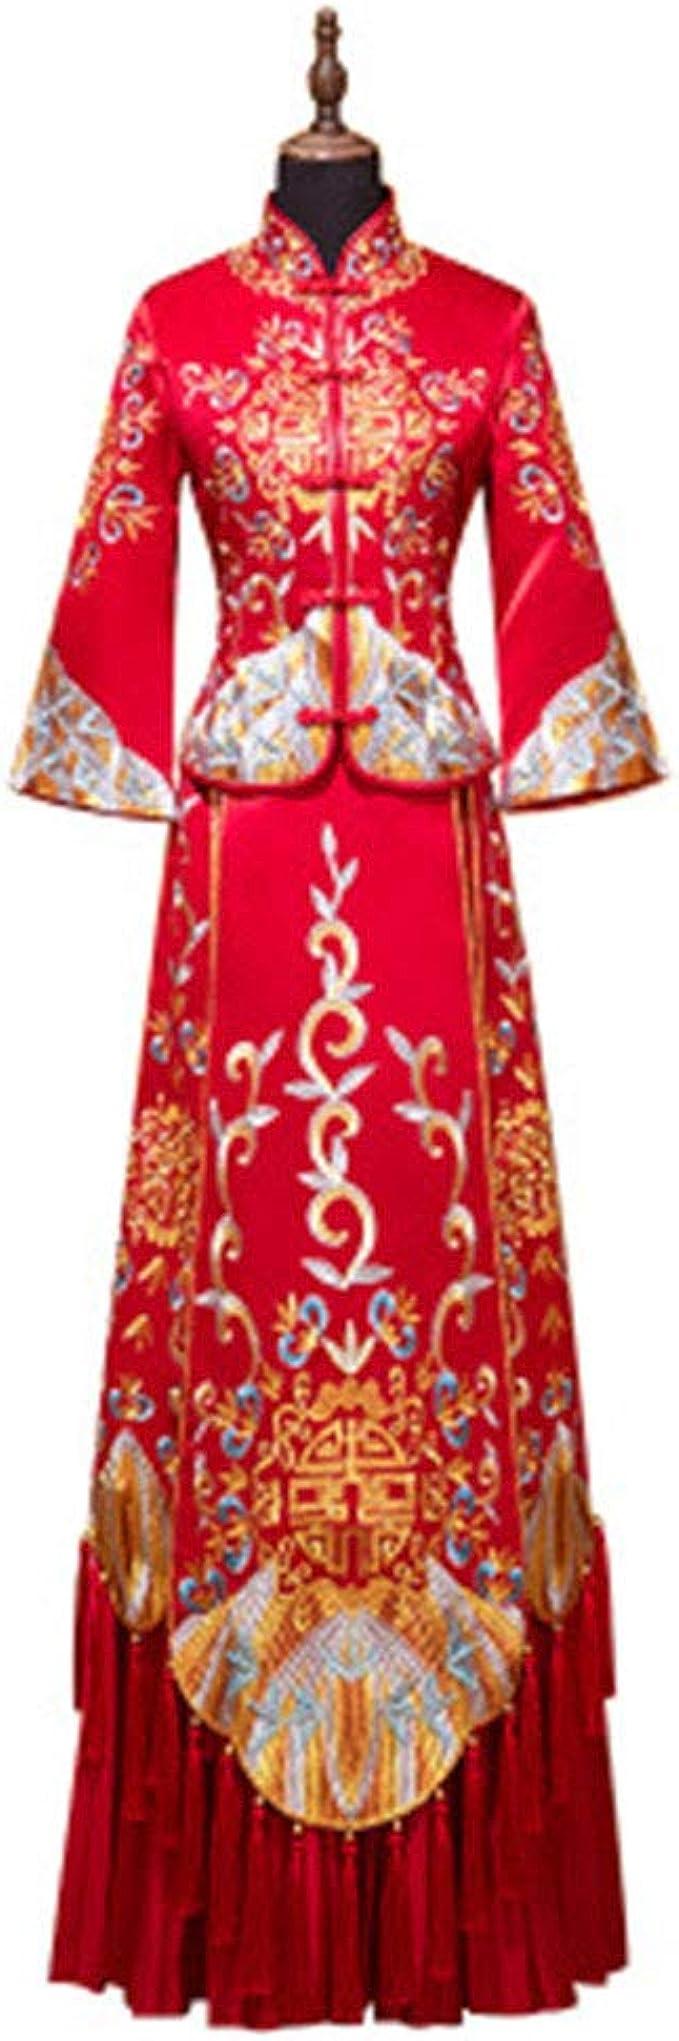 Chinese Wedding Toast Show Wo Suit Braut Brautkleid Hochzeitskleid